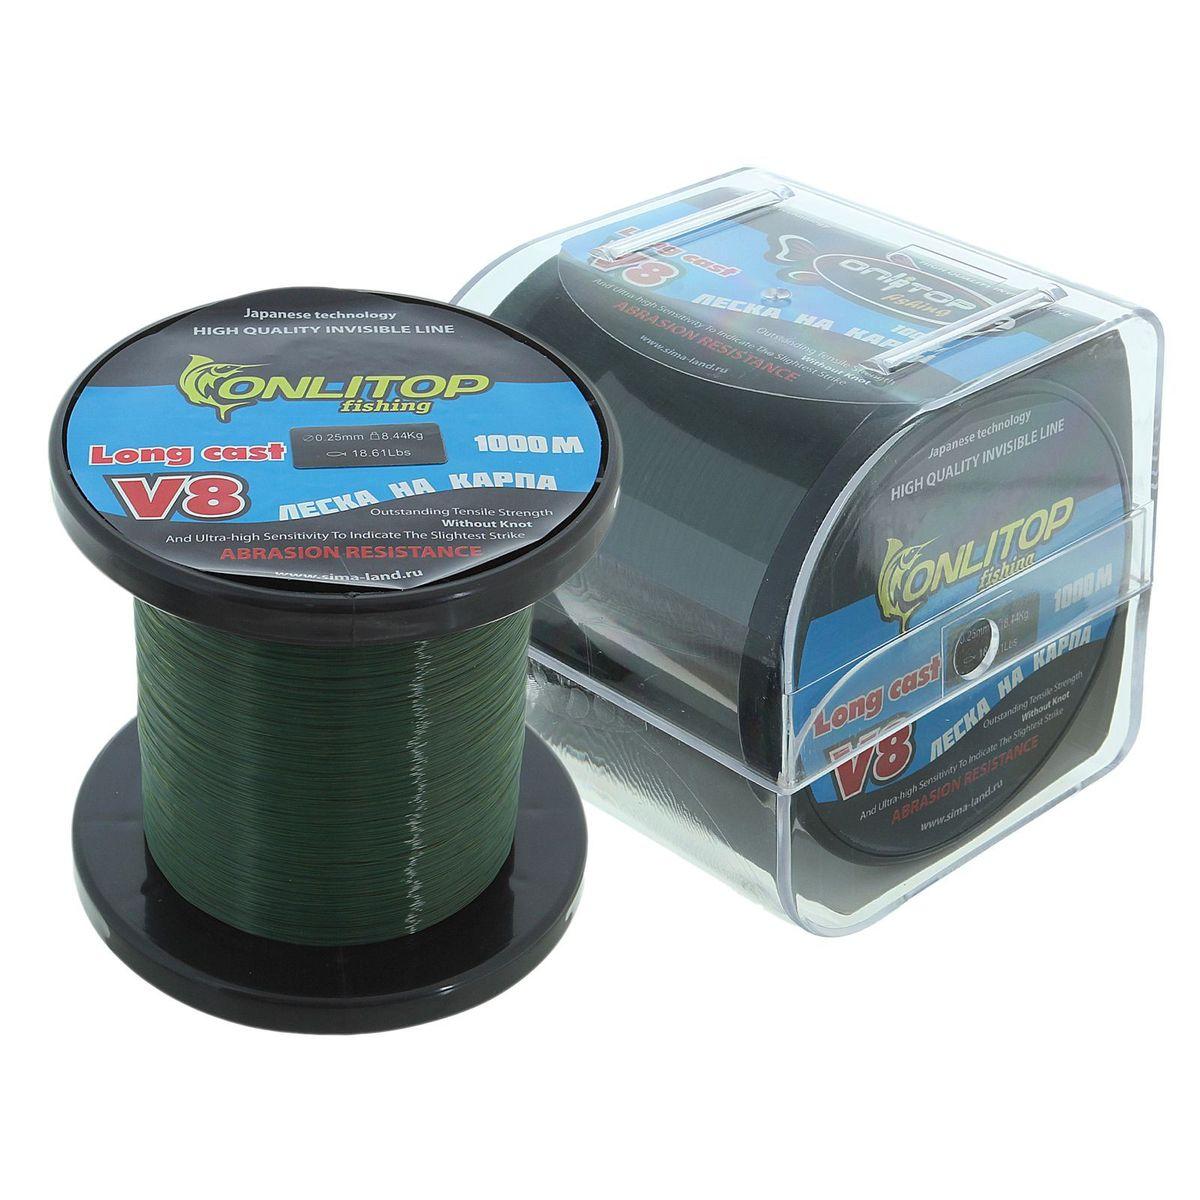 Леска Onlitop V8, на карпа, цвет: темно-зеленый, 1000 м, 0,25 мм, 8,44 кг1232692Во время технологического процесса волокна сплетаются и специально разработанным способом сплавляются в единое целое. В ходе такой обработки леска становится прочнее, чем совокупность составляющих ее волокон. Таким образом получается оптимальный синтез монофильной и плетеной лески.